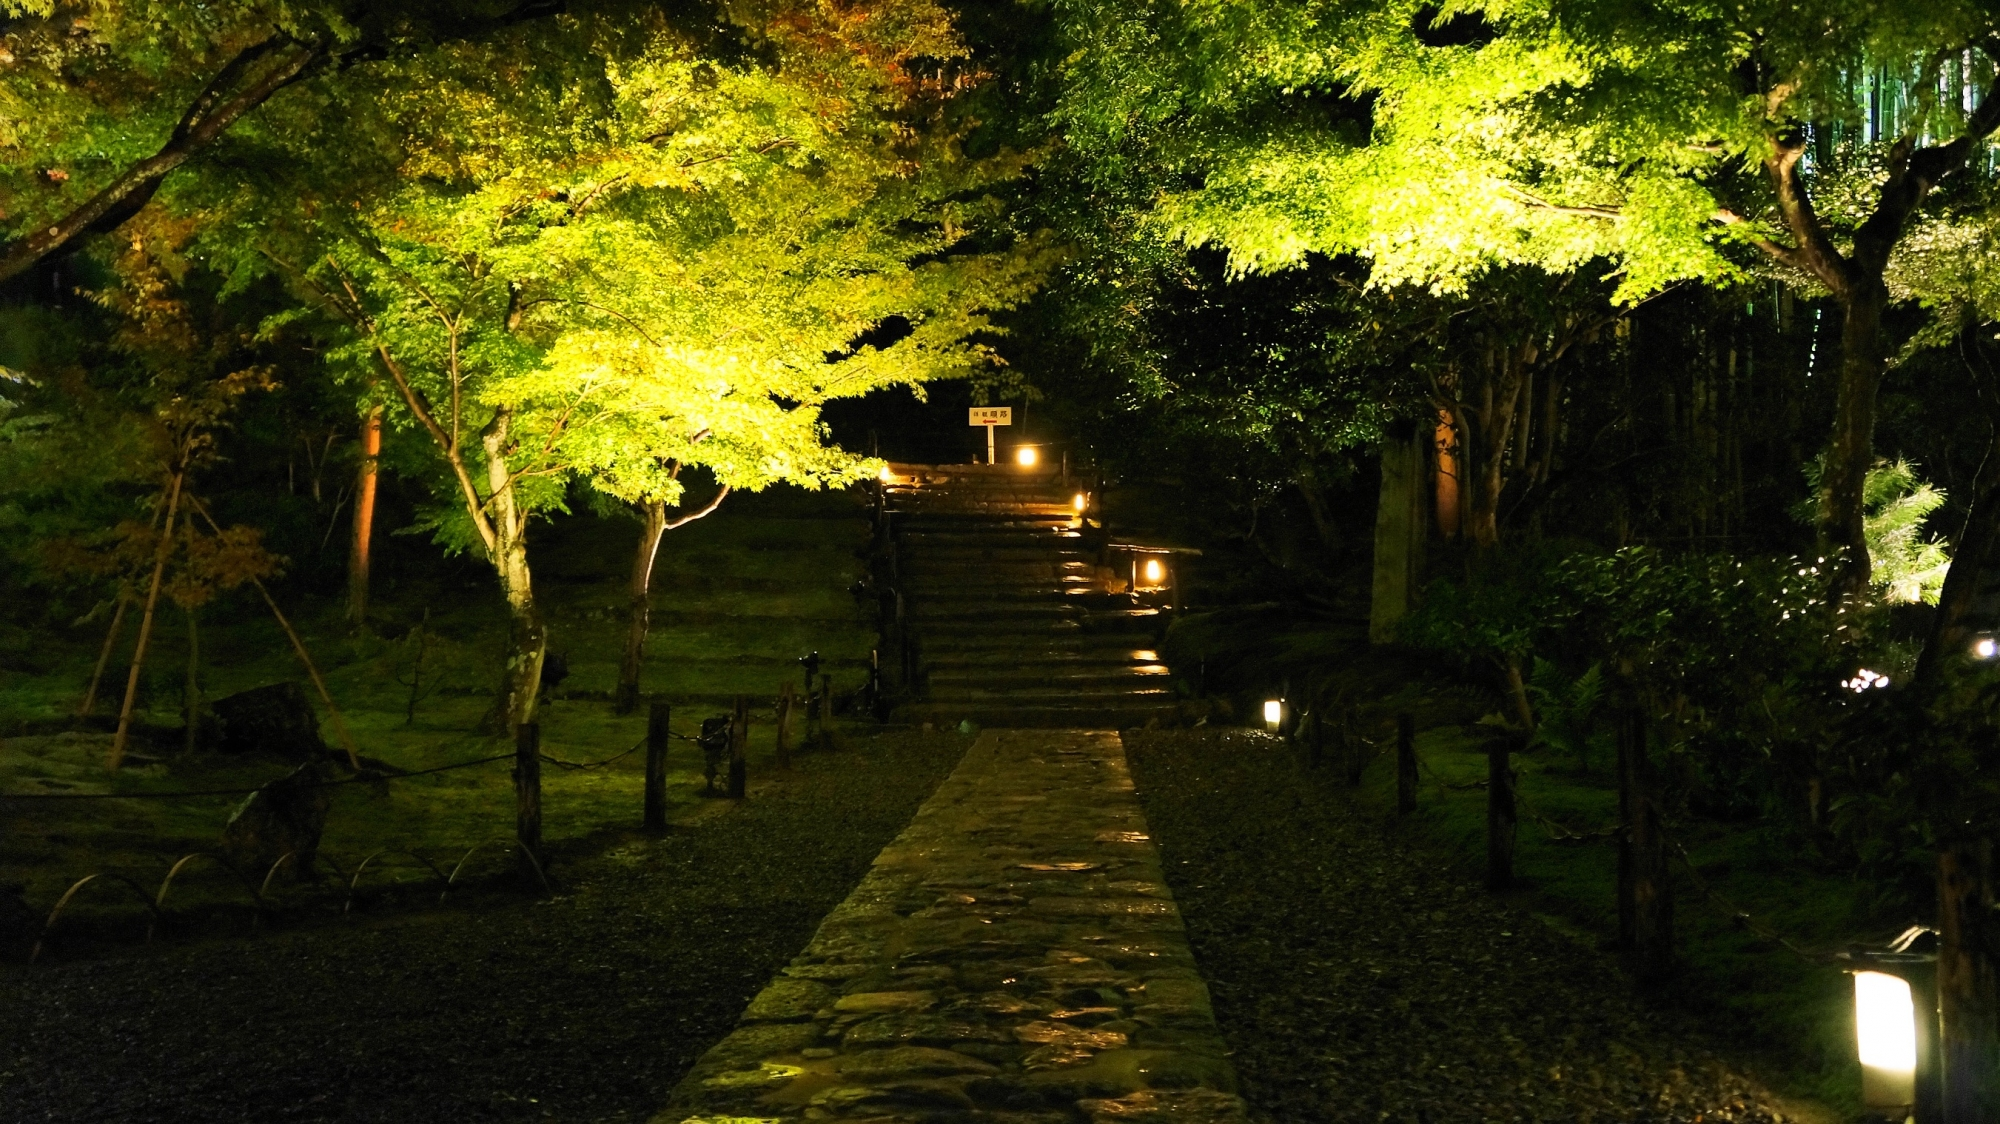 高台寺の傘亭へ続く道のライトアップ